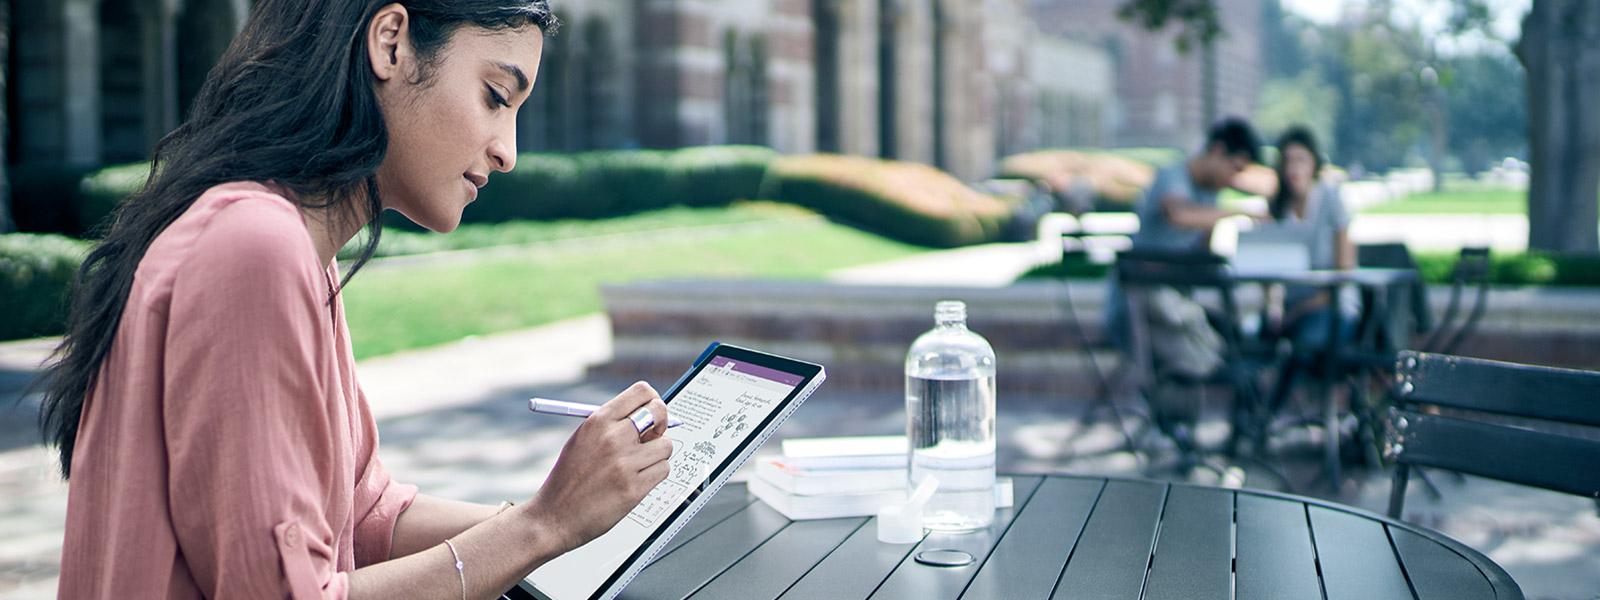 야외에 앉아서 태블릿 모드의 Surface Pro 4 터치 스크린을 사용 중인 여성